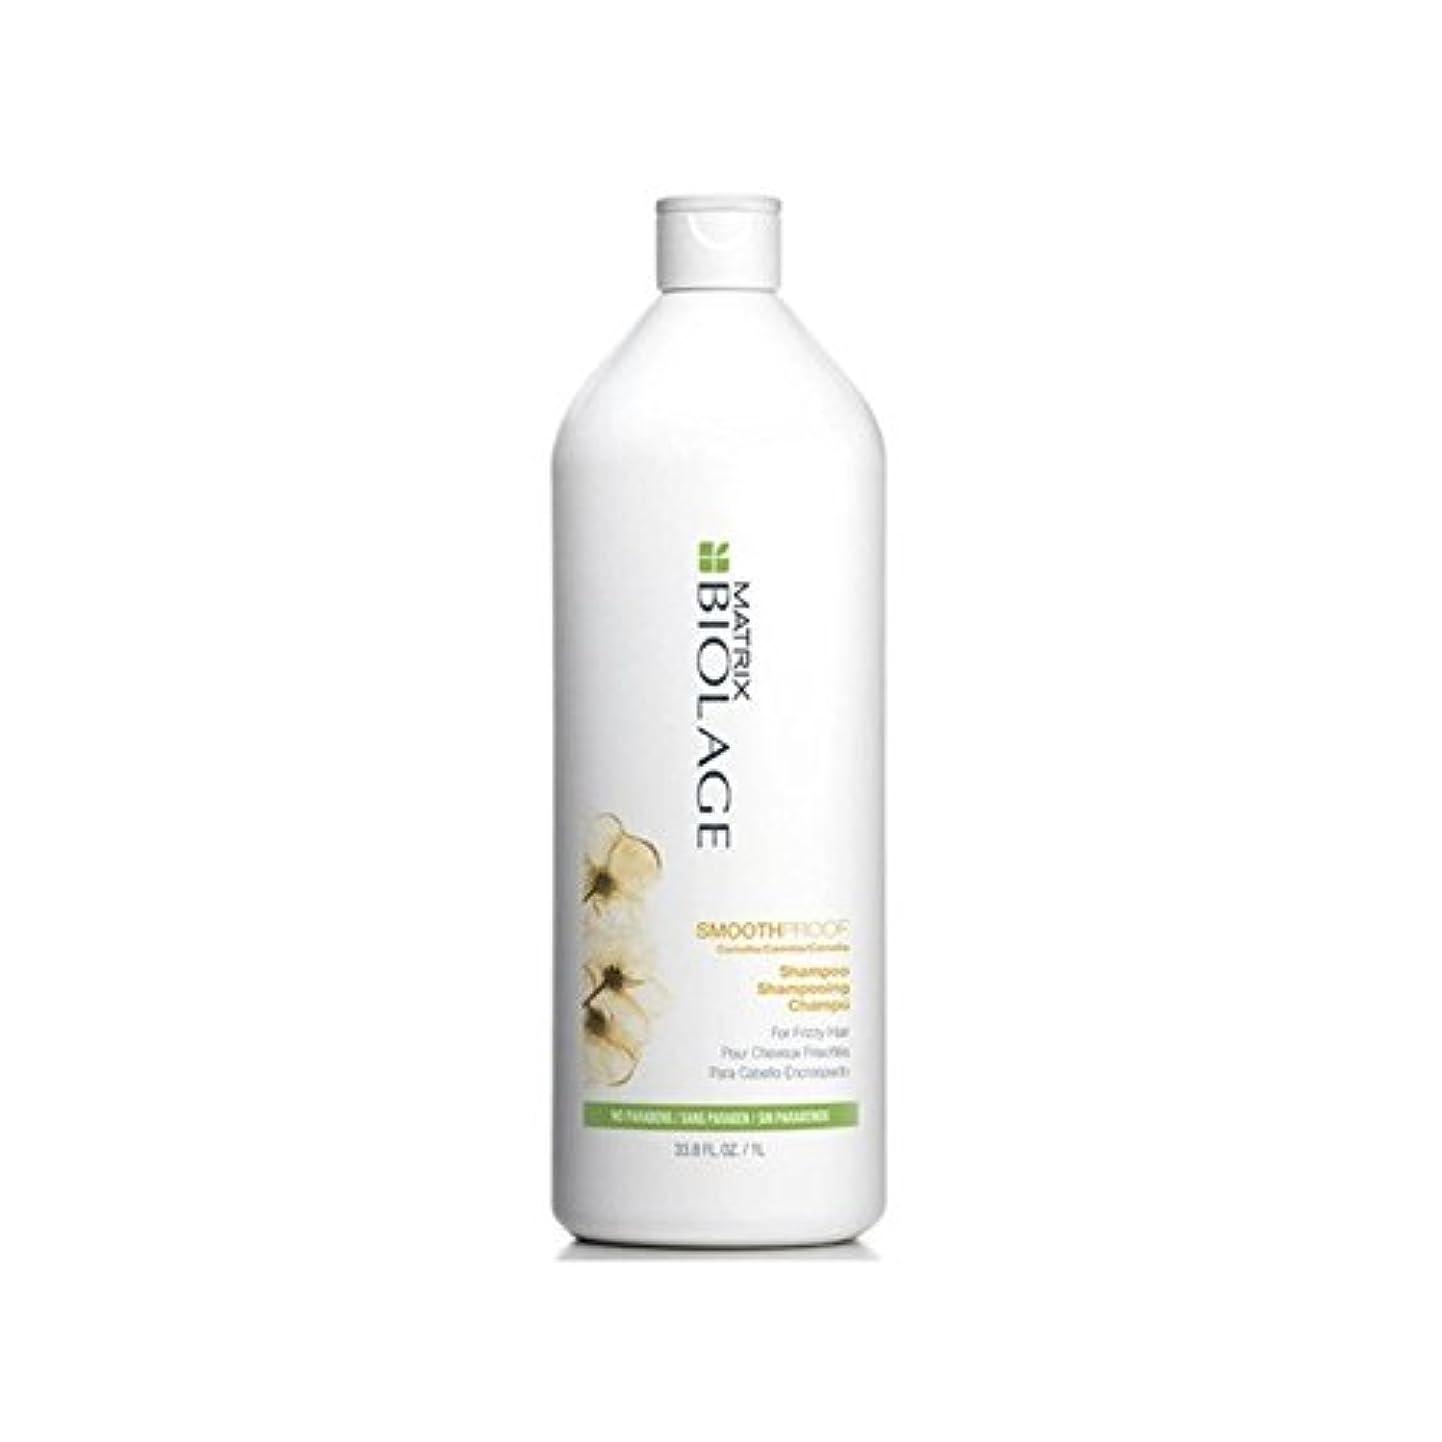 休み提供する補足マトリックスバイオレイジのシャンプー(千ミリリットル) x2 - Matrix Biolage Smoothproof Shampoo (1000ml) (Pack of 2) [並行輸入品]